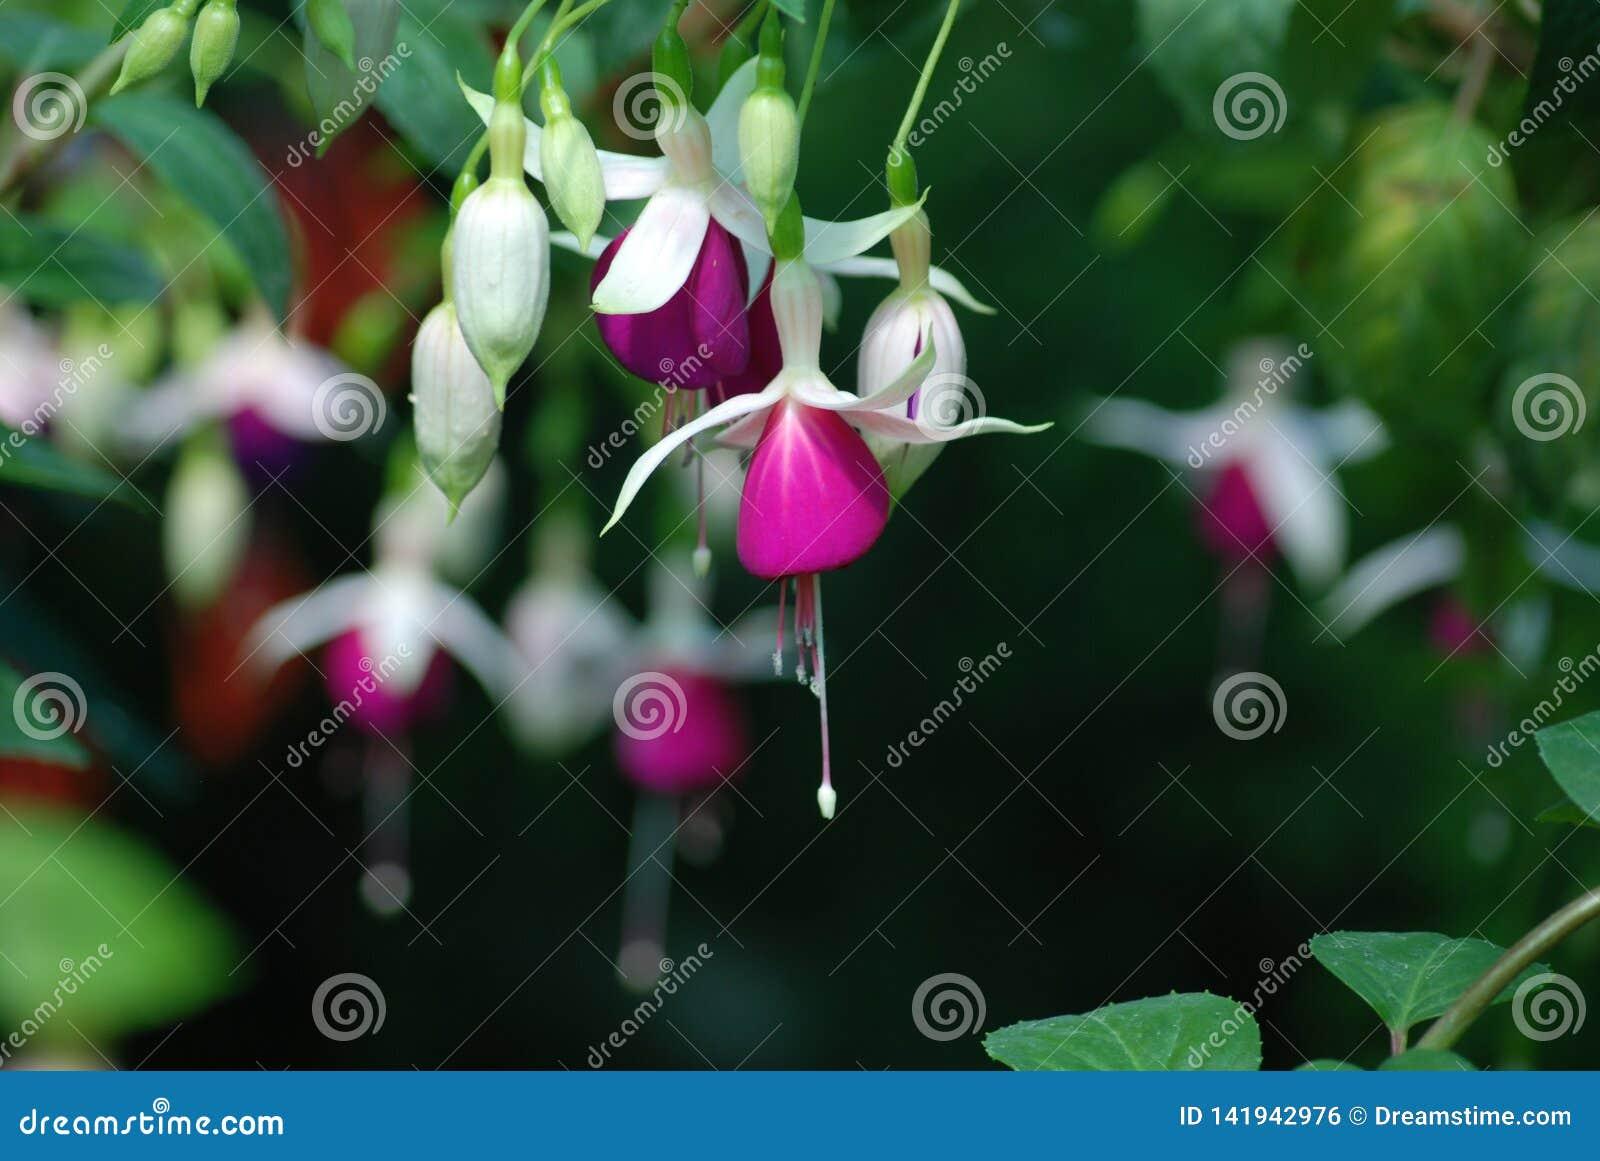 Abwärts hängende weiße purpurrote pinkfarbene Blüte